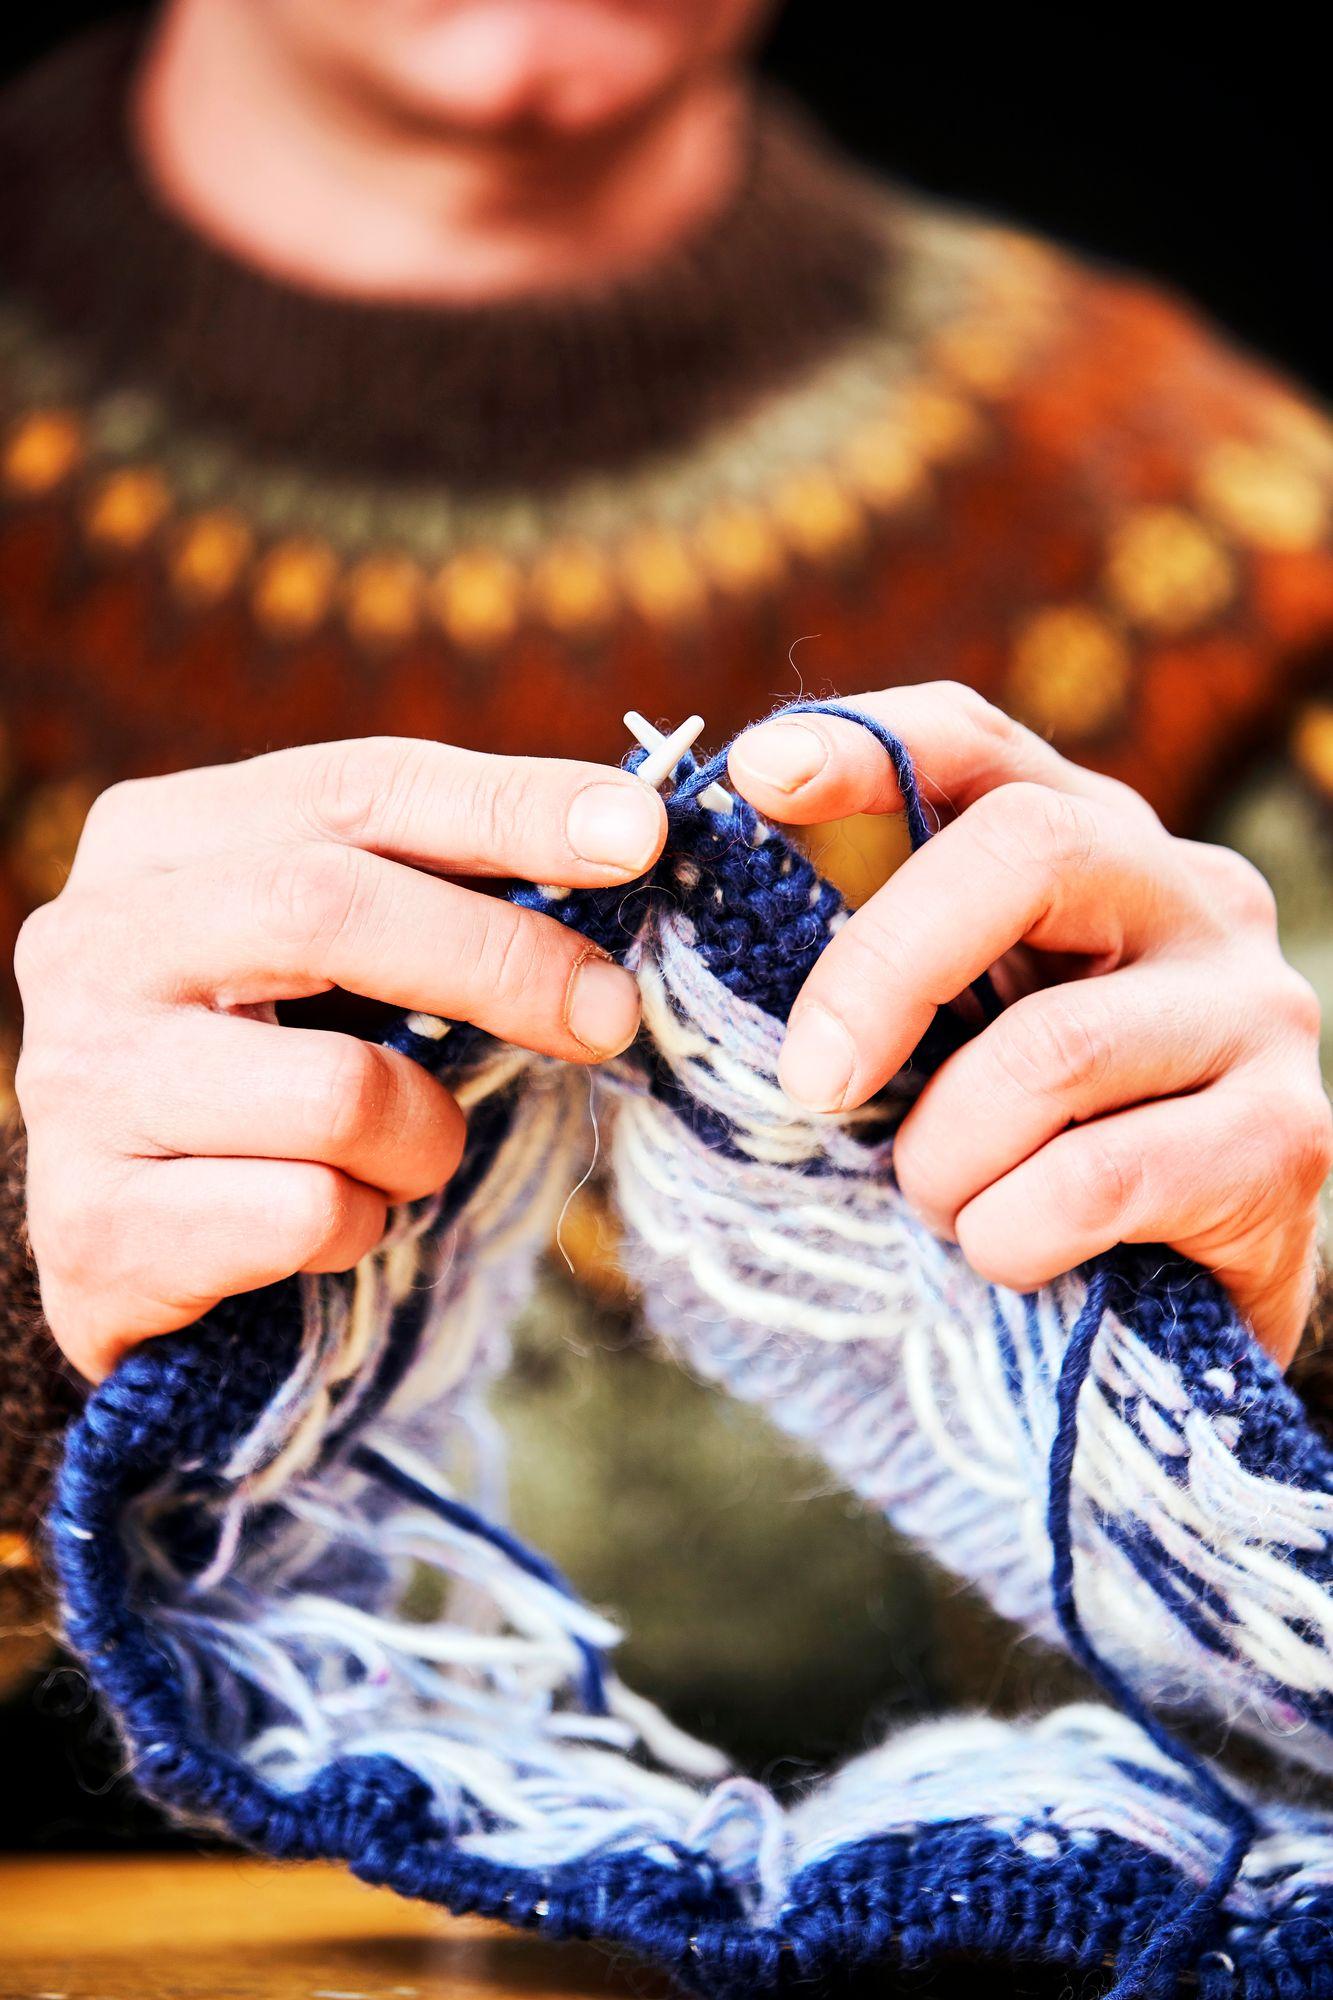 Jarkko Mäkipään islantilaisneuleet on tehty alkuperäisellä islantilaisten lampaiden villasta tehdyllä langalla. Islantilaisneuleista on tullut niin suosittuja, että välillä mieleistä värisävyä on pitänyt odottaa tai ohjeen kuviosävyä vaihtaa. © Sara Pihlaja 2021